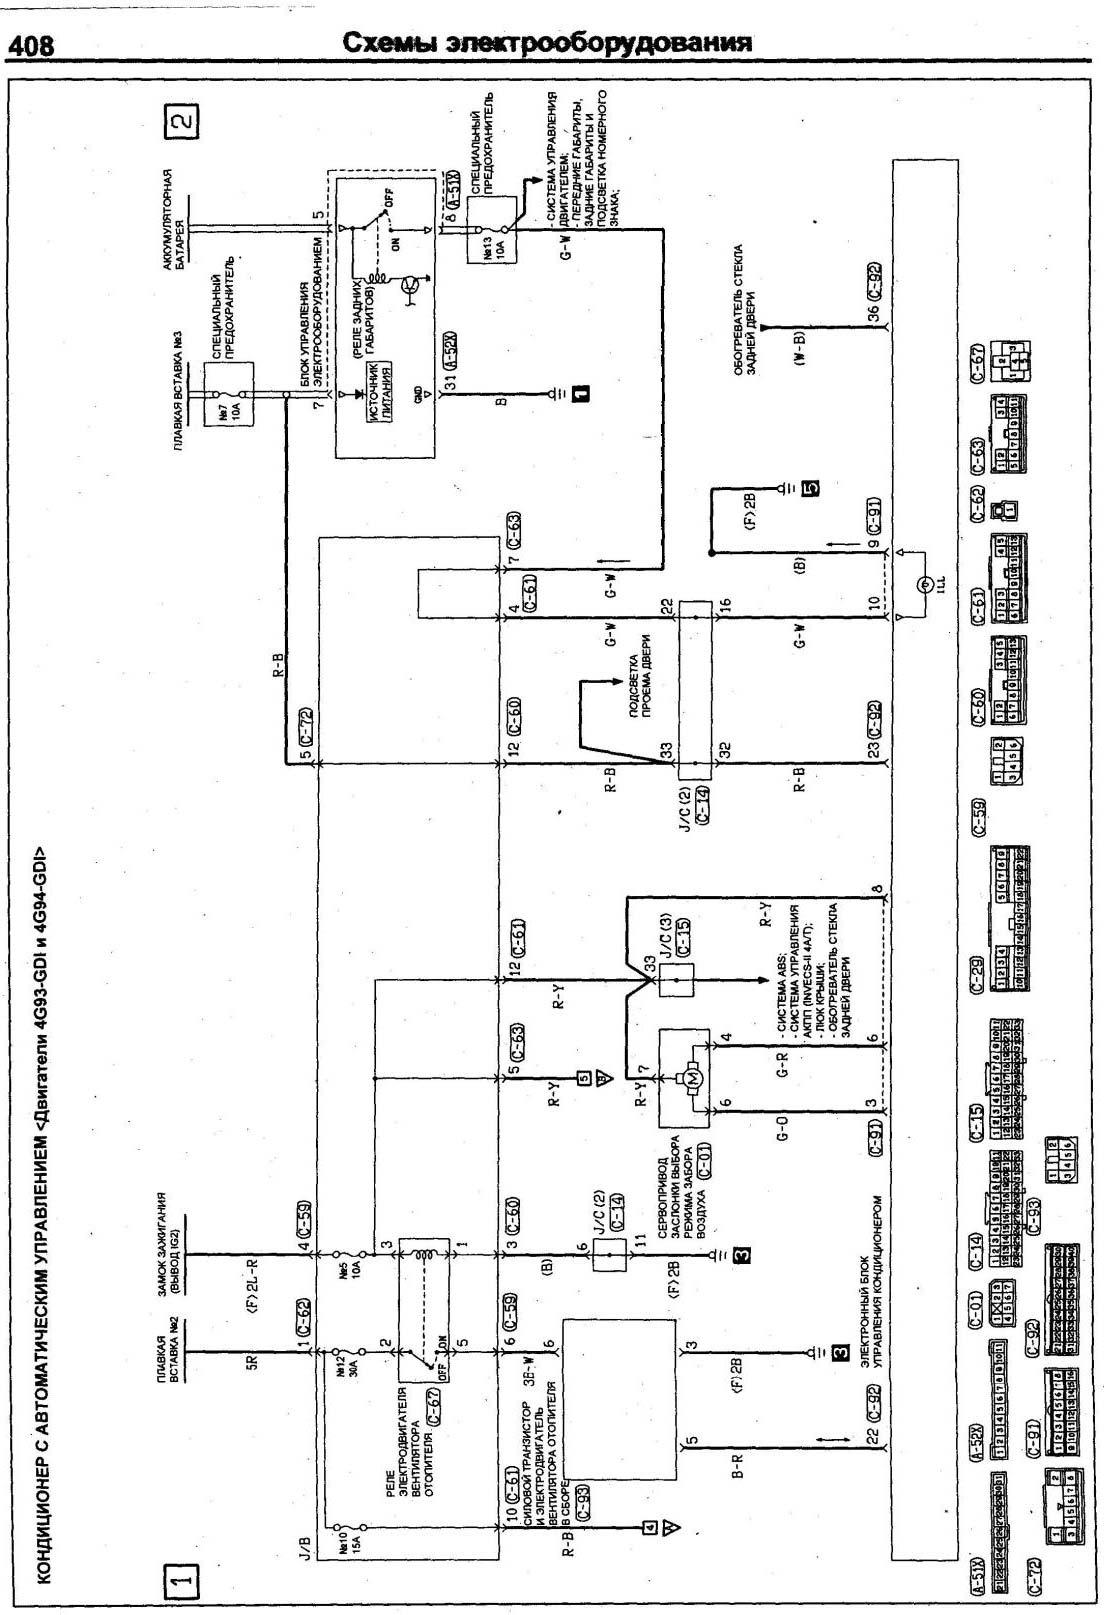 Mitsubishi electric кондиционеры электрическая схема